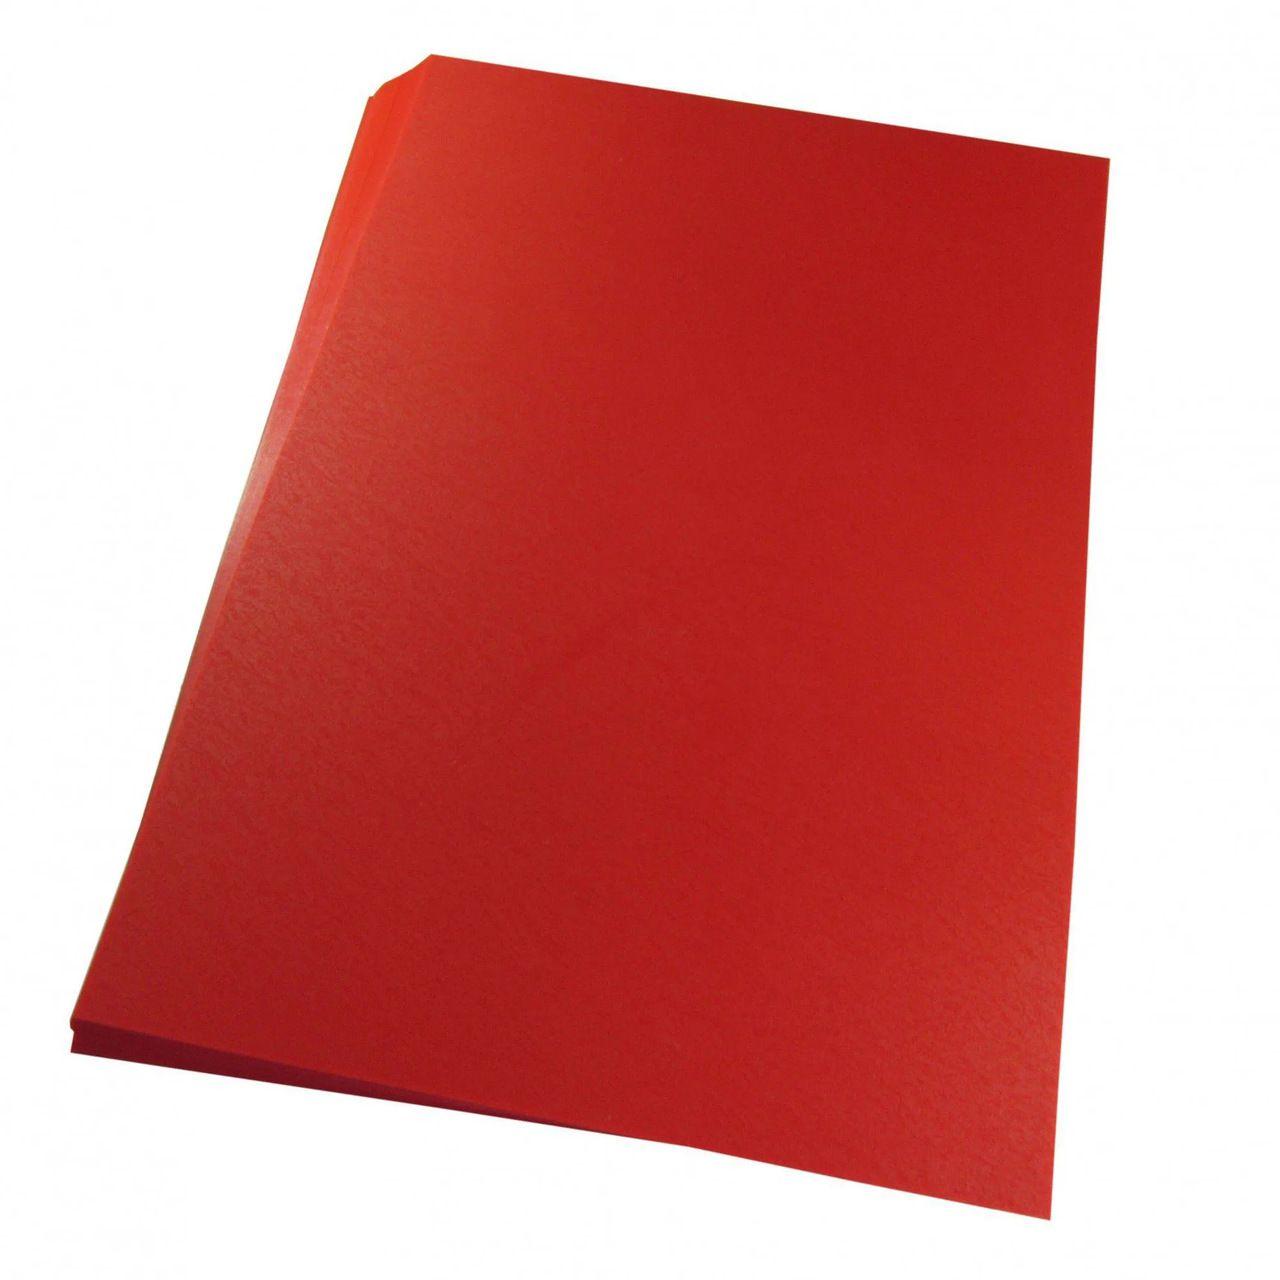 Capa para encadernação A3 Vermelha PP Couro 0,30mm 100un